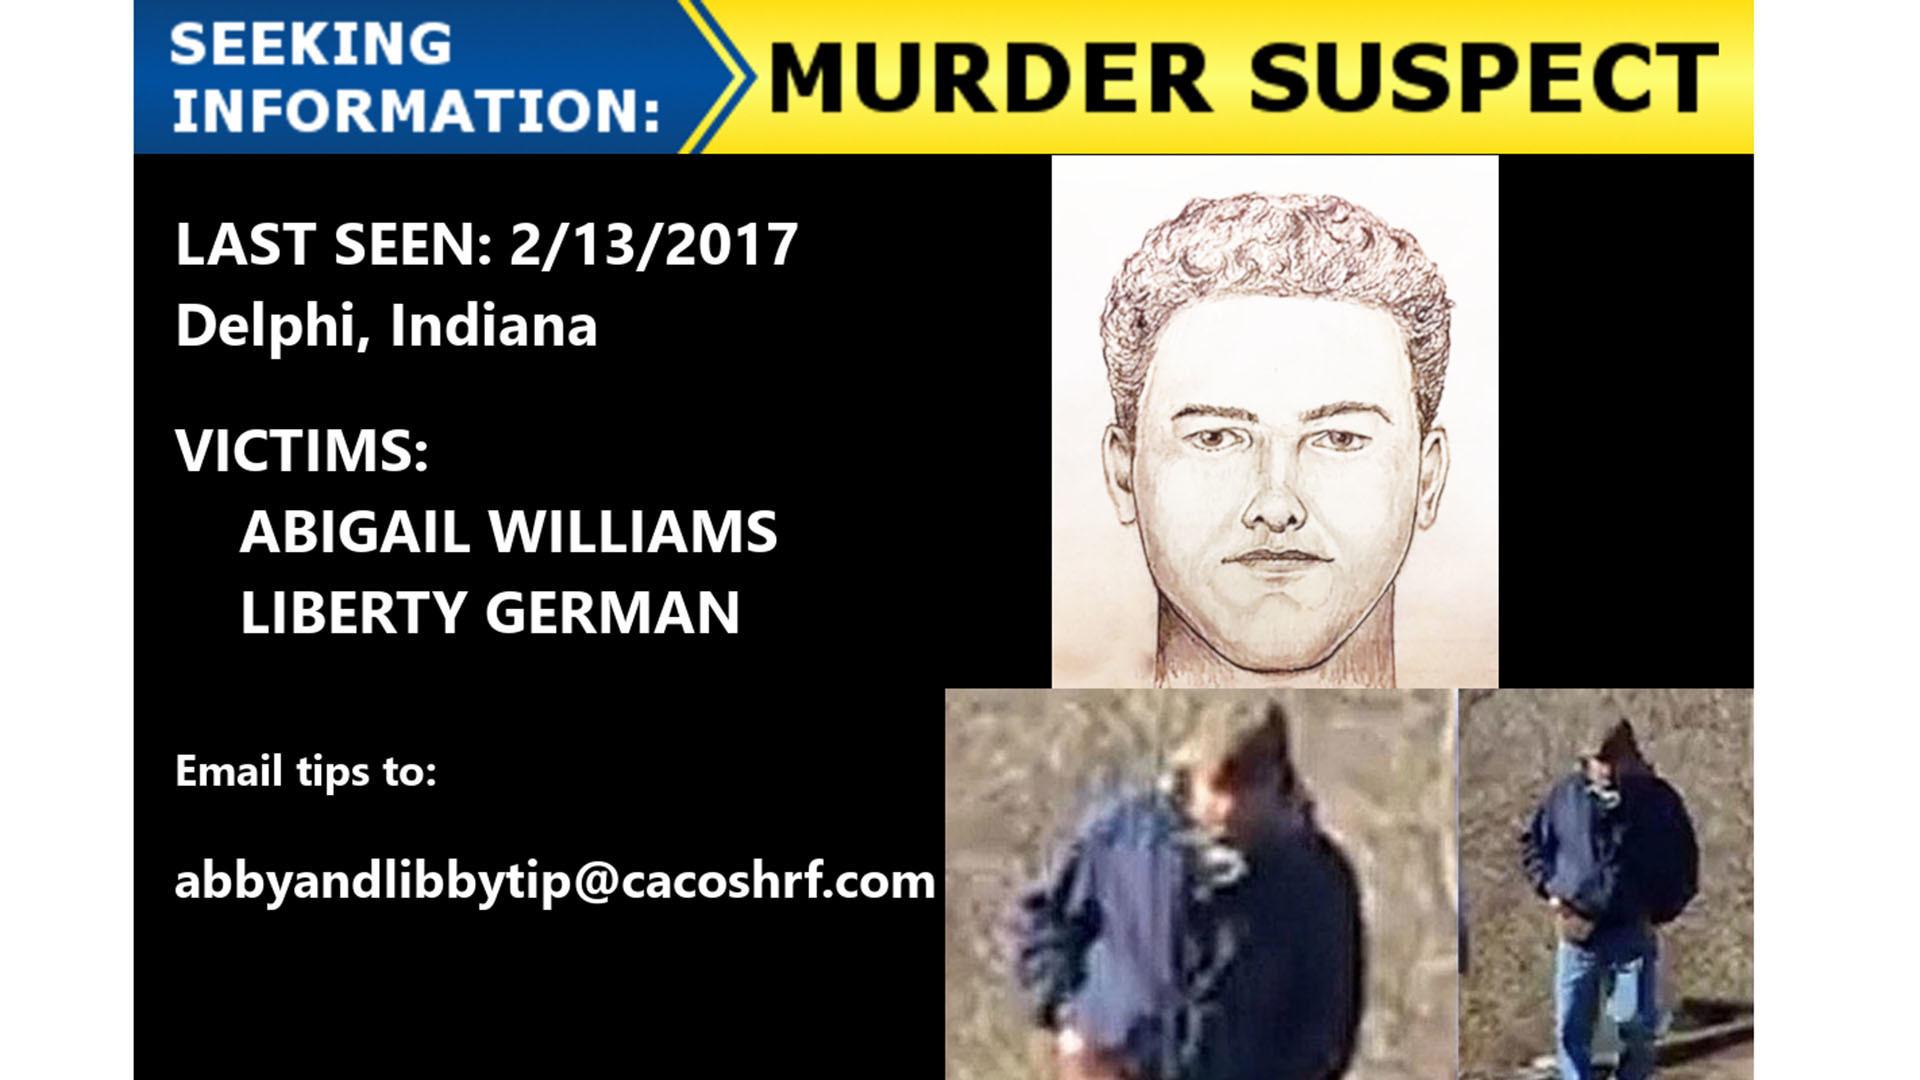 Delphi, Indiana, murder suspect - Chicago Tribune